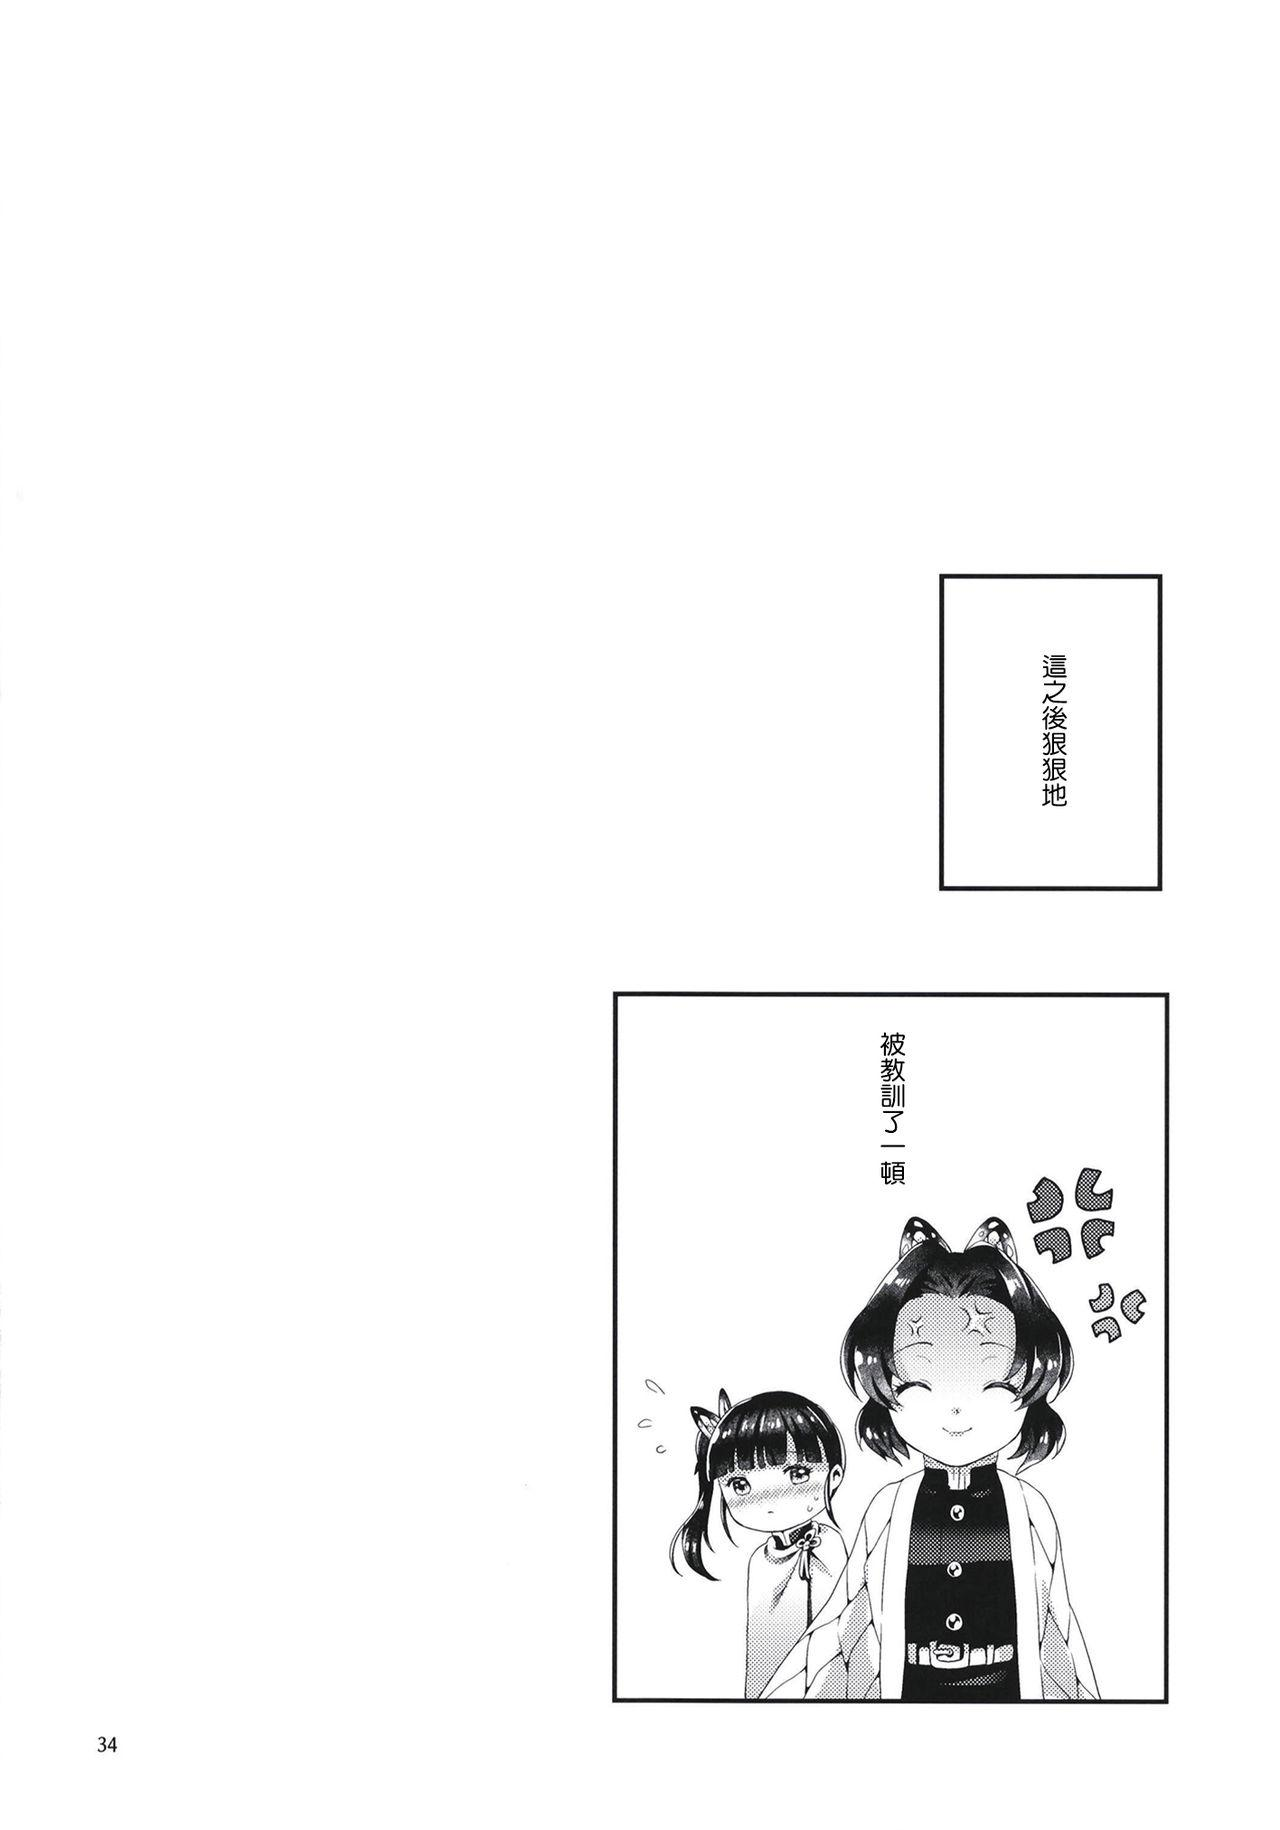 Chou Yashiki e Youkoso 34